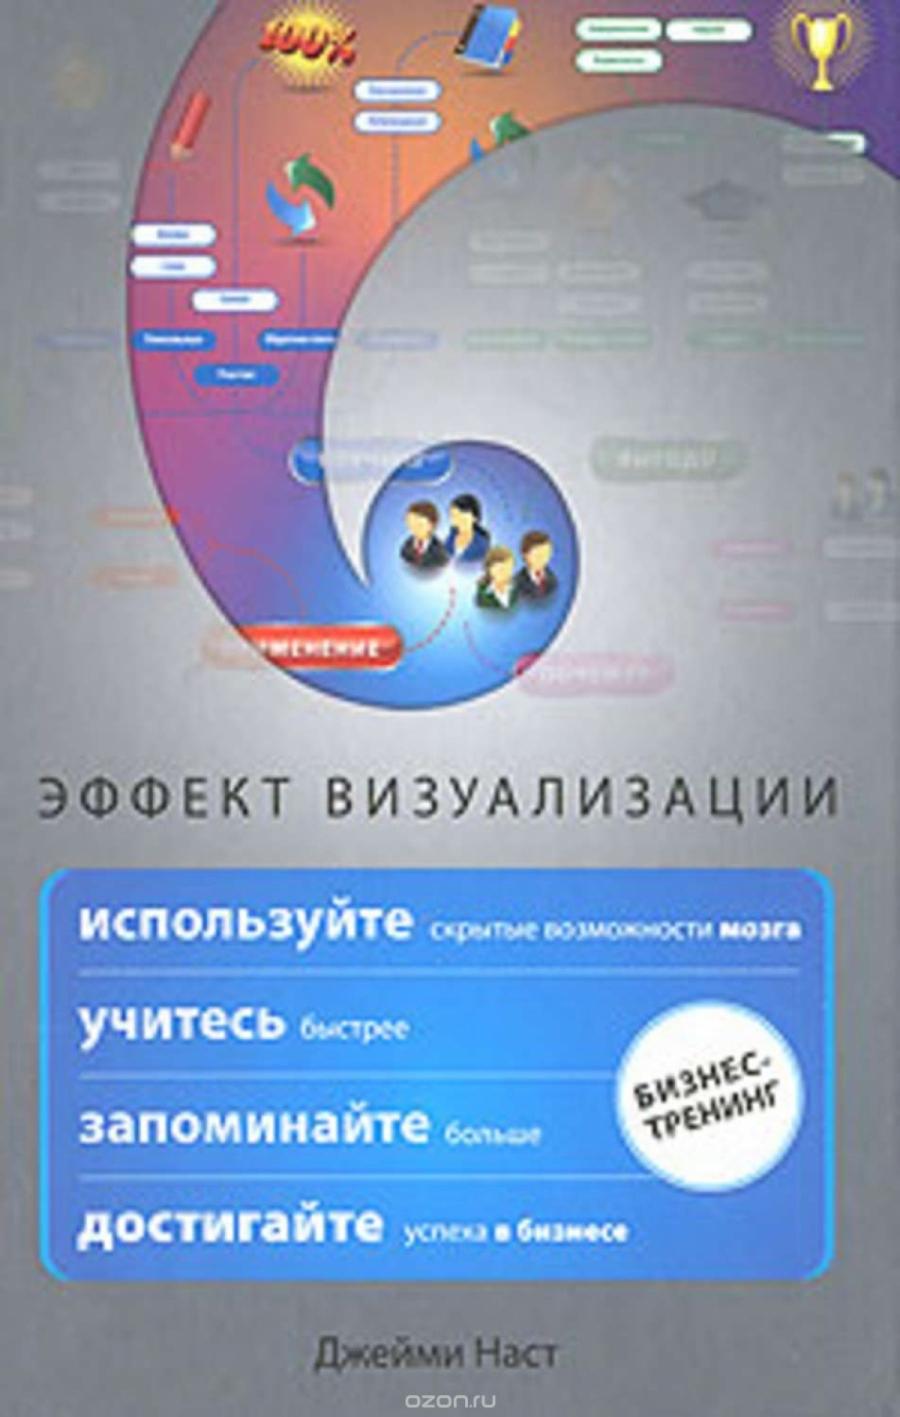 Обложка книги:  джейми наст - эффект визуализации